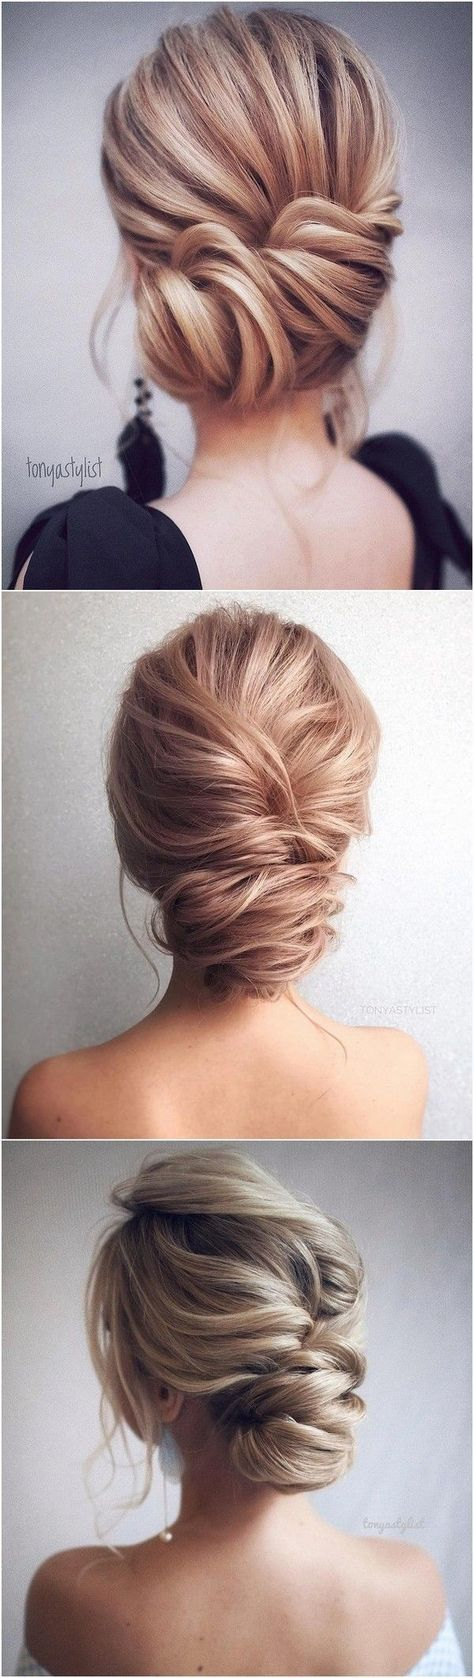 so pretty updo wedding hairstyles from tonyapushkareva beauty